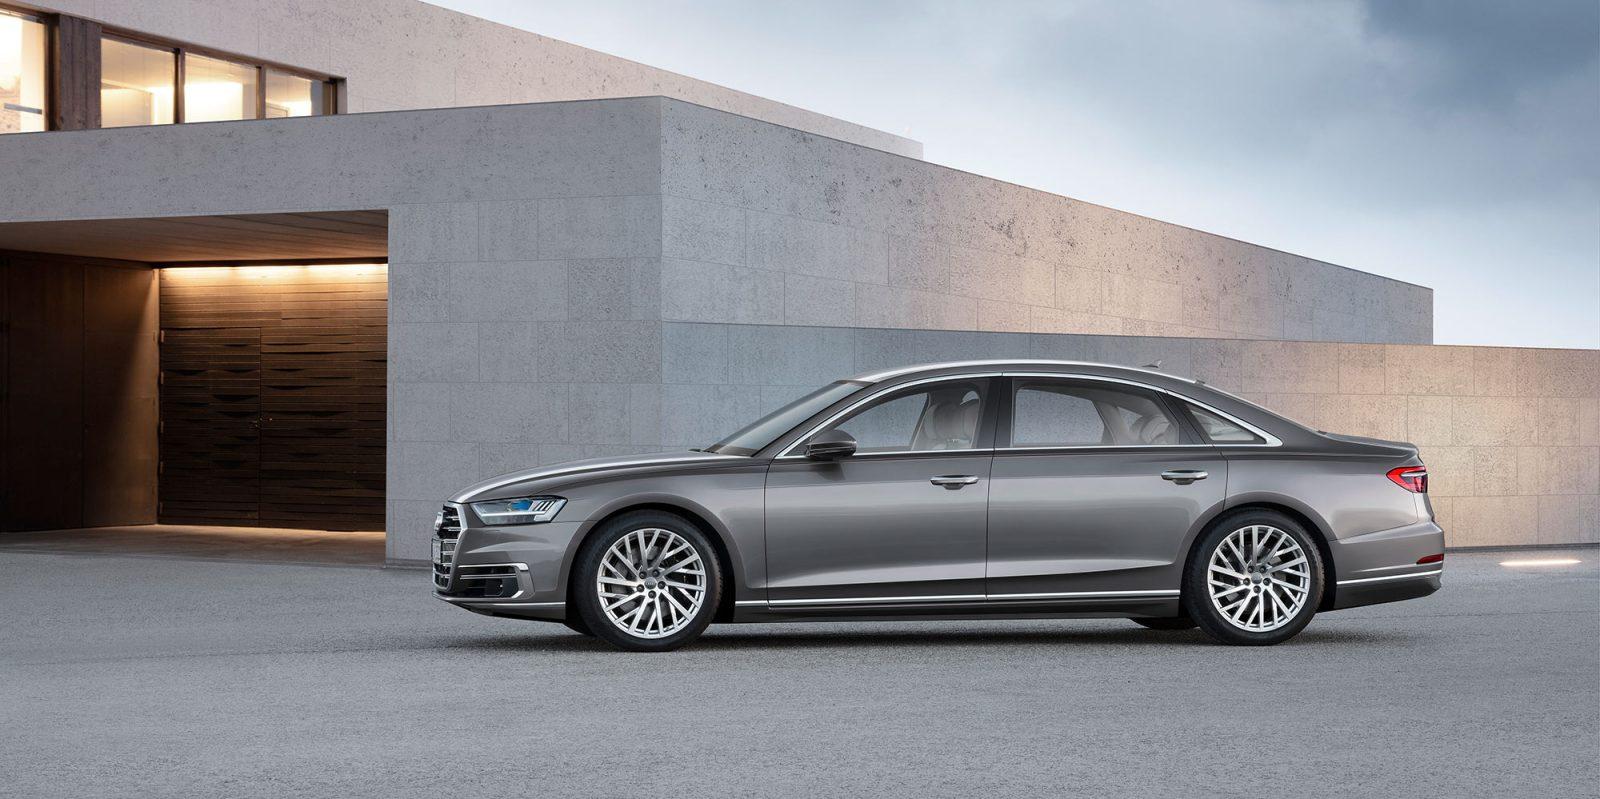 Kelebihan Kekurangan Audi 8 Spesifikasi